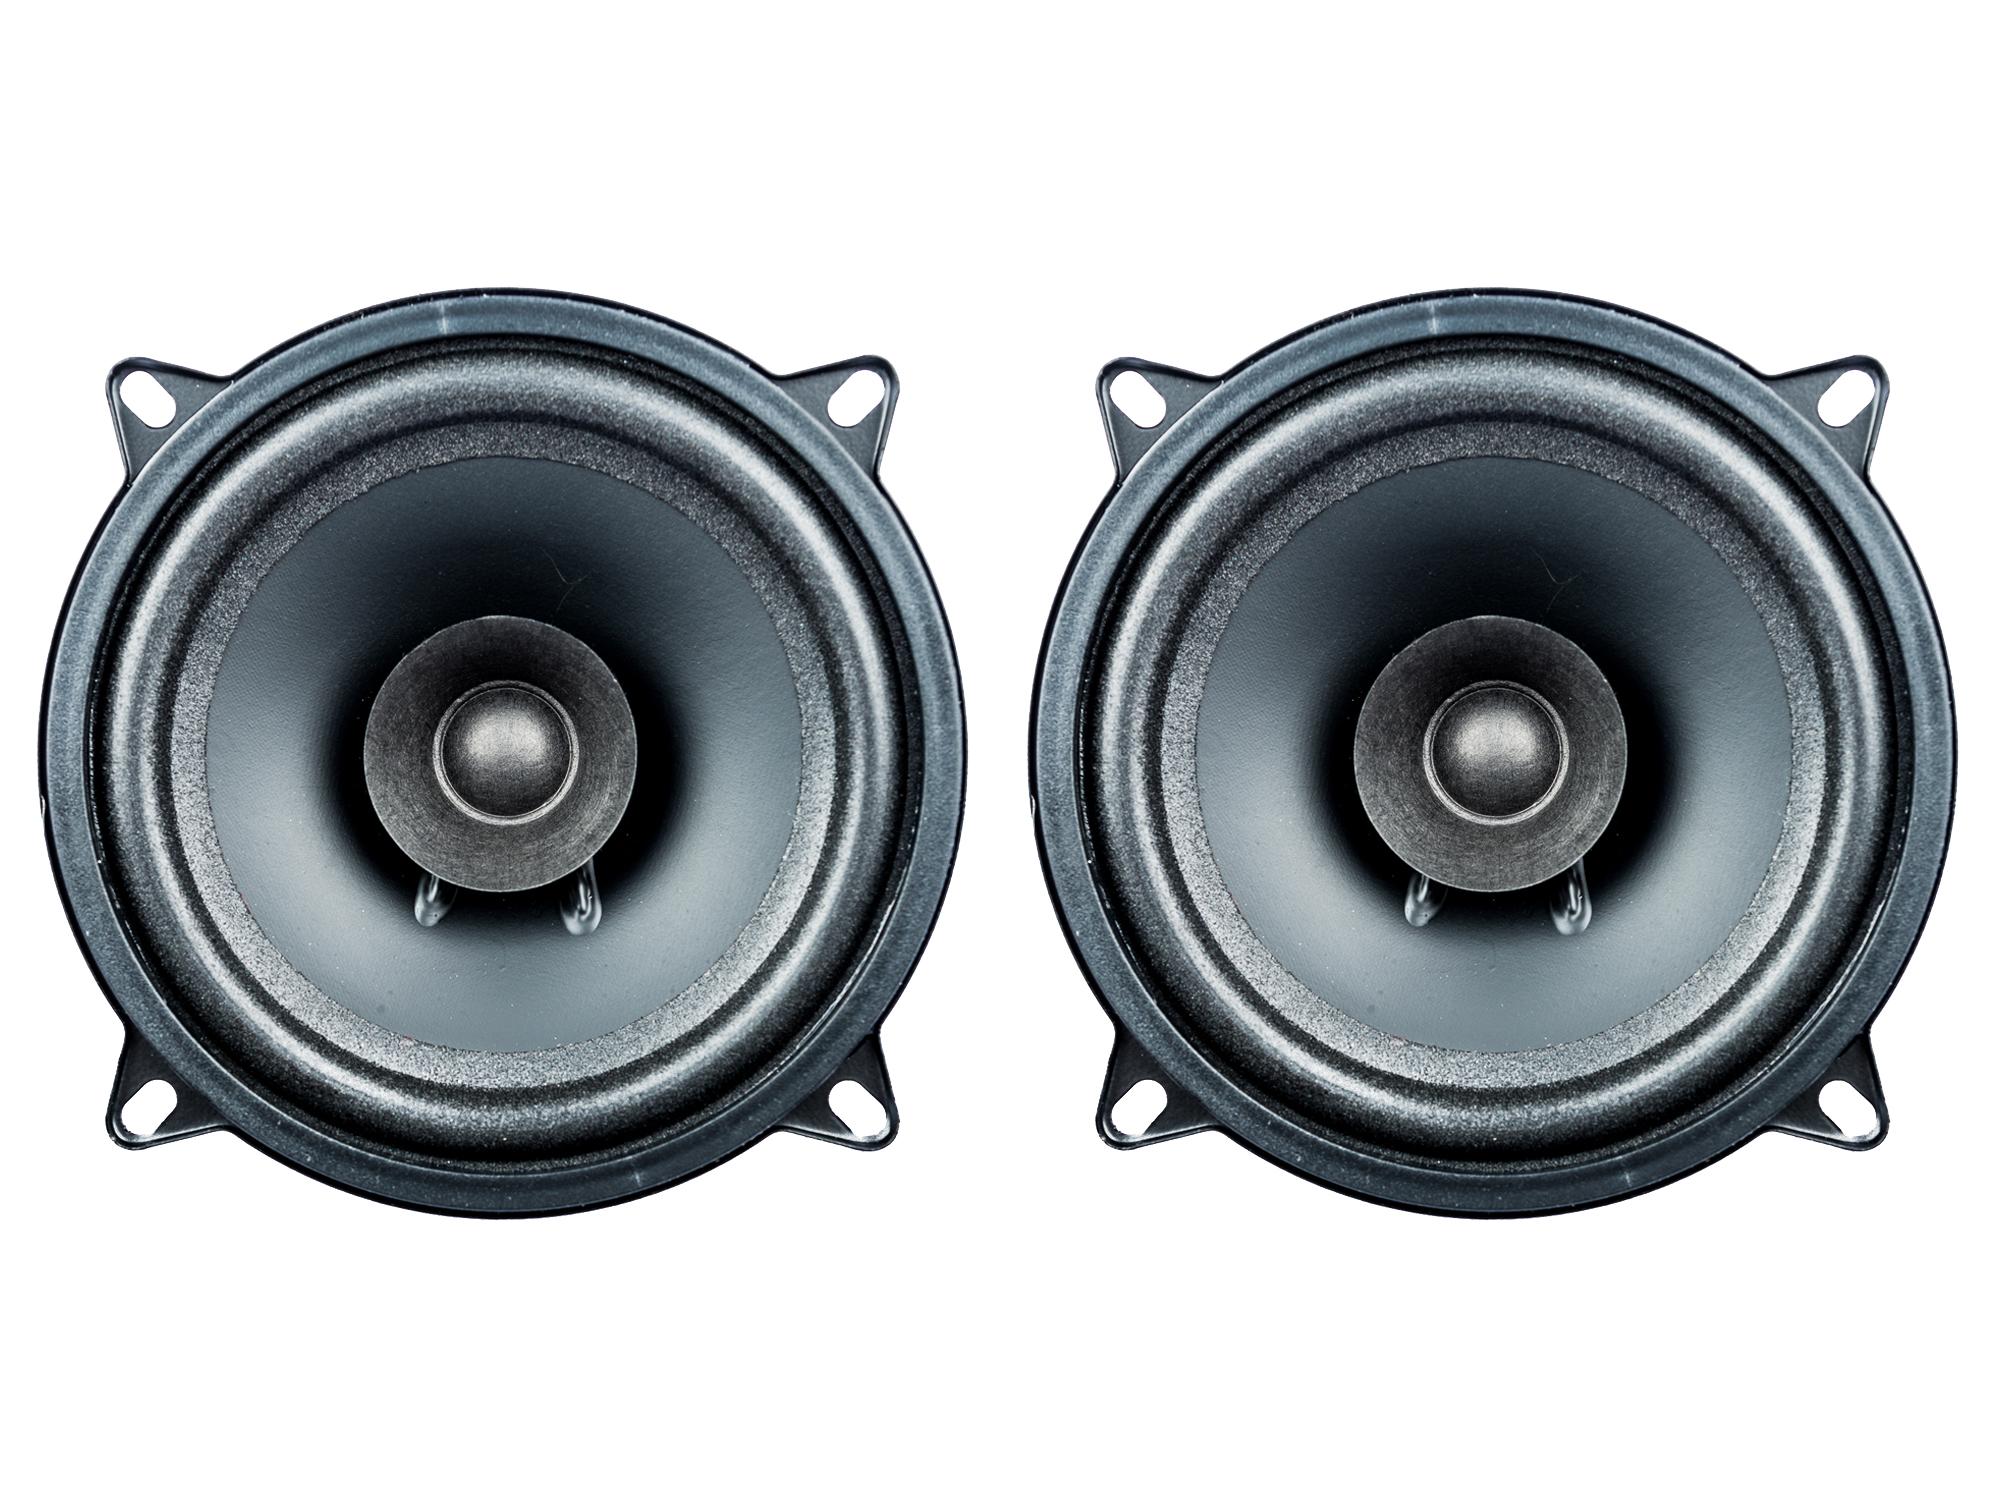 [Paket] 1 Paar PG Audio EVO I 13.2, 13 cm Dual Cone Lautsprecher passend für Alfa Romeo, Fiat, Saab, Smart